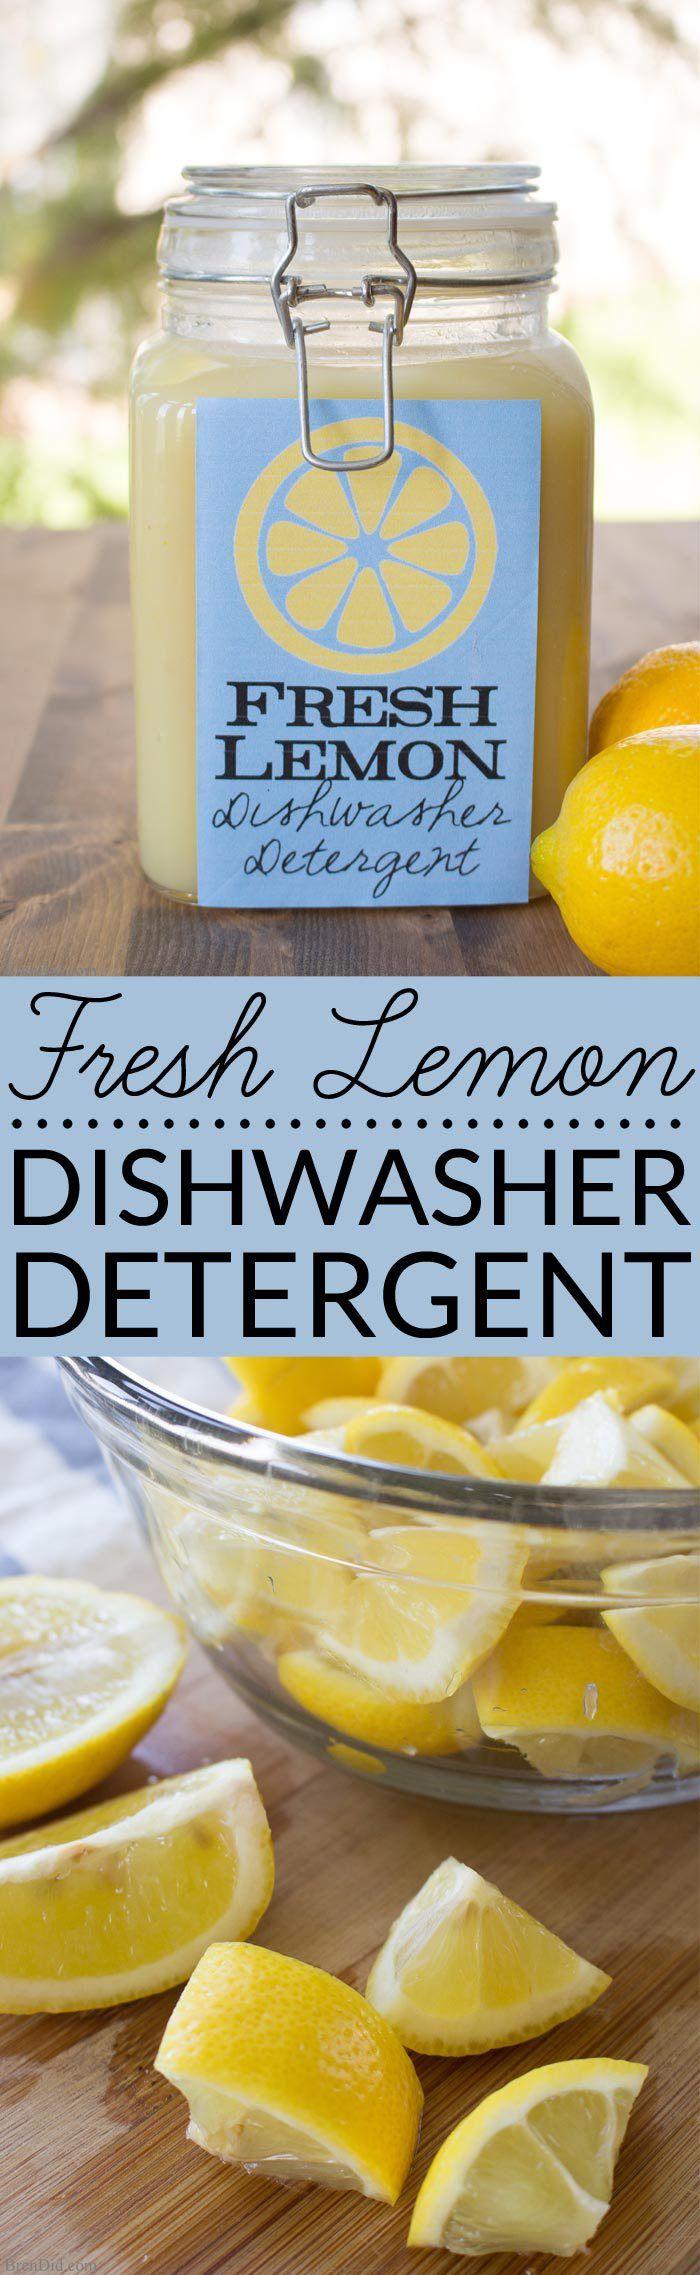 Fresh Lemon Homemade Dishwasher Detergent uses real lemons, salt and vinegar to...